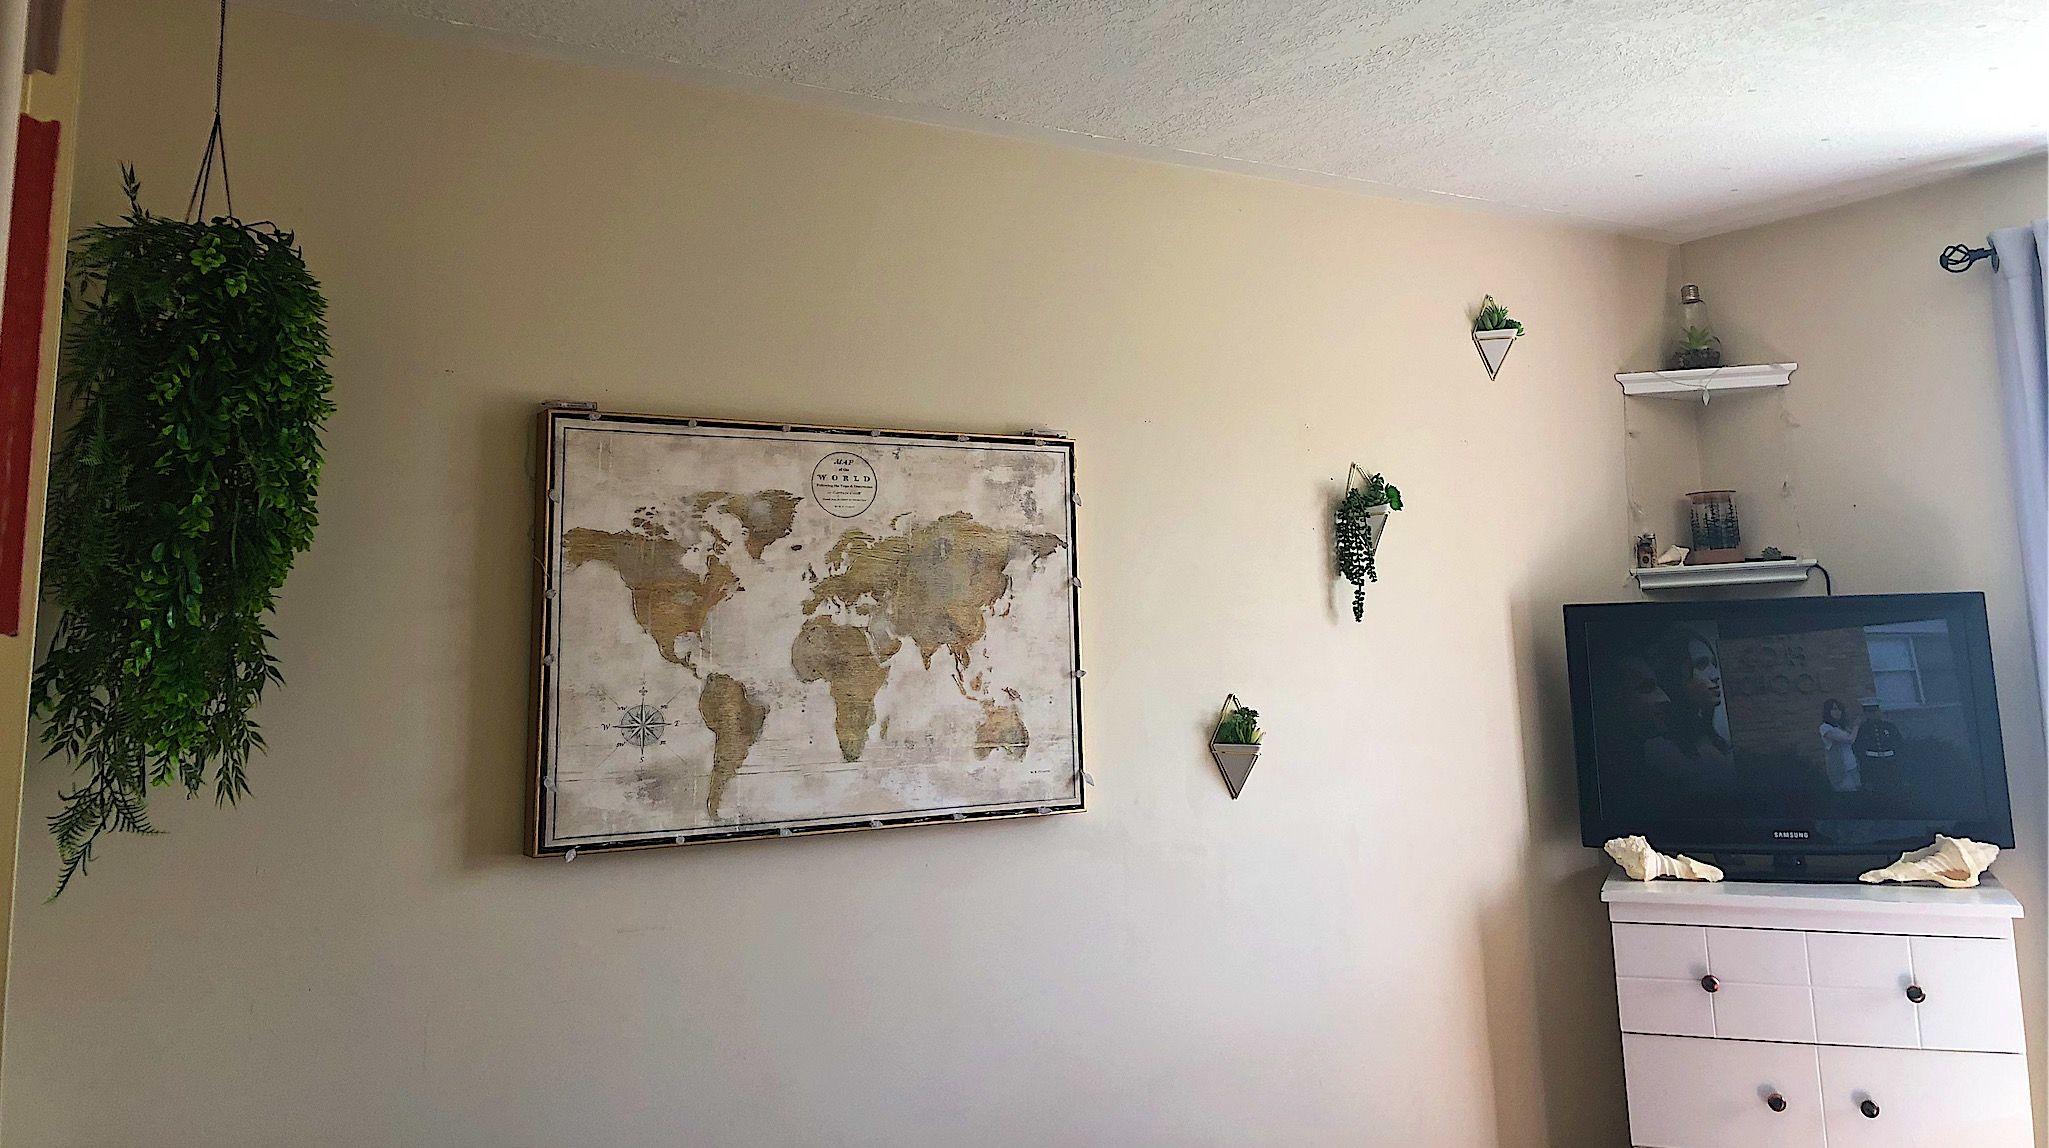 #beer oom #bedroomdecor #hangingplants #suculentas #seashells #cornershelves #worldmap #diy #lowbudget #crafty